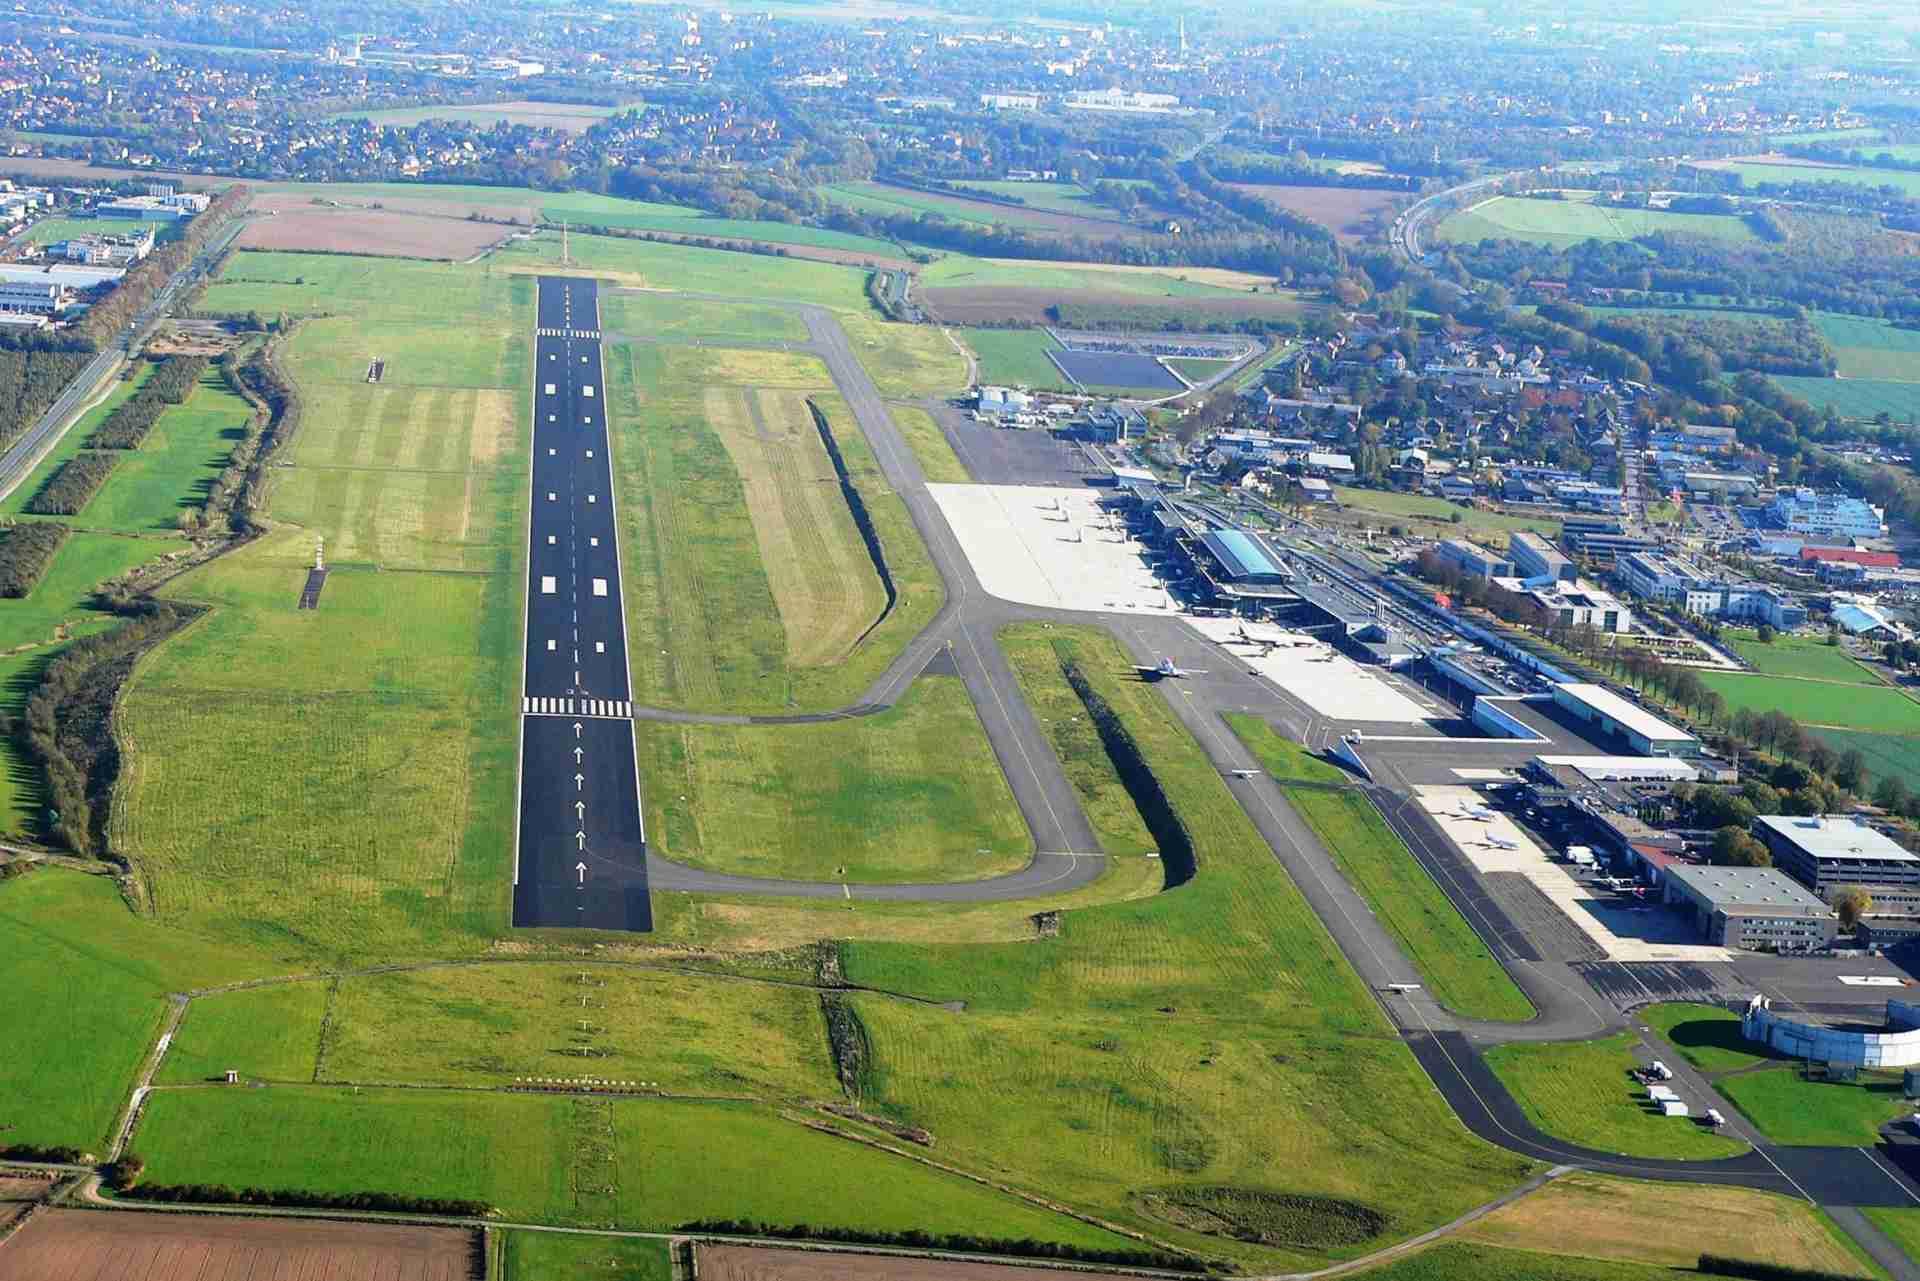 Flughafen Dortmund Start- und Landebahn aus der Luft